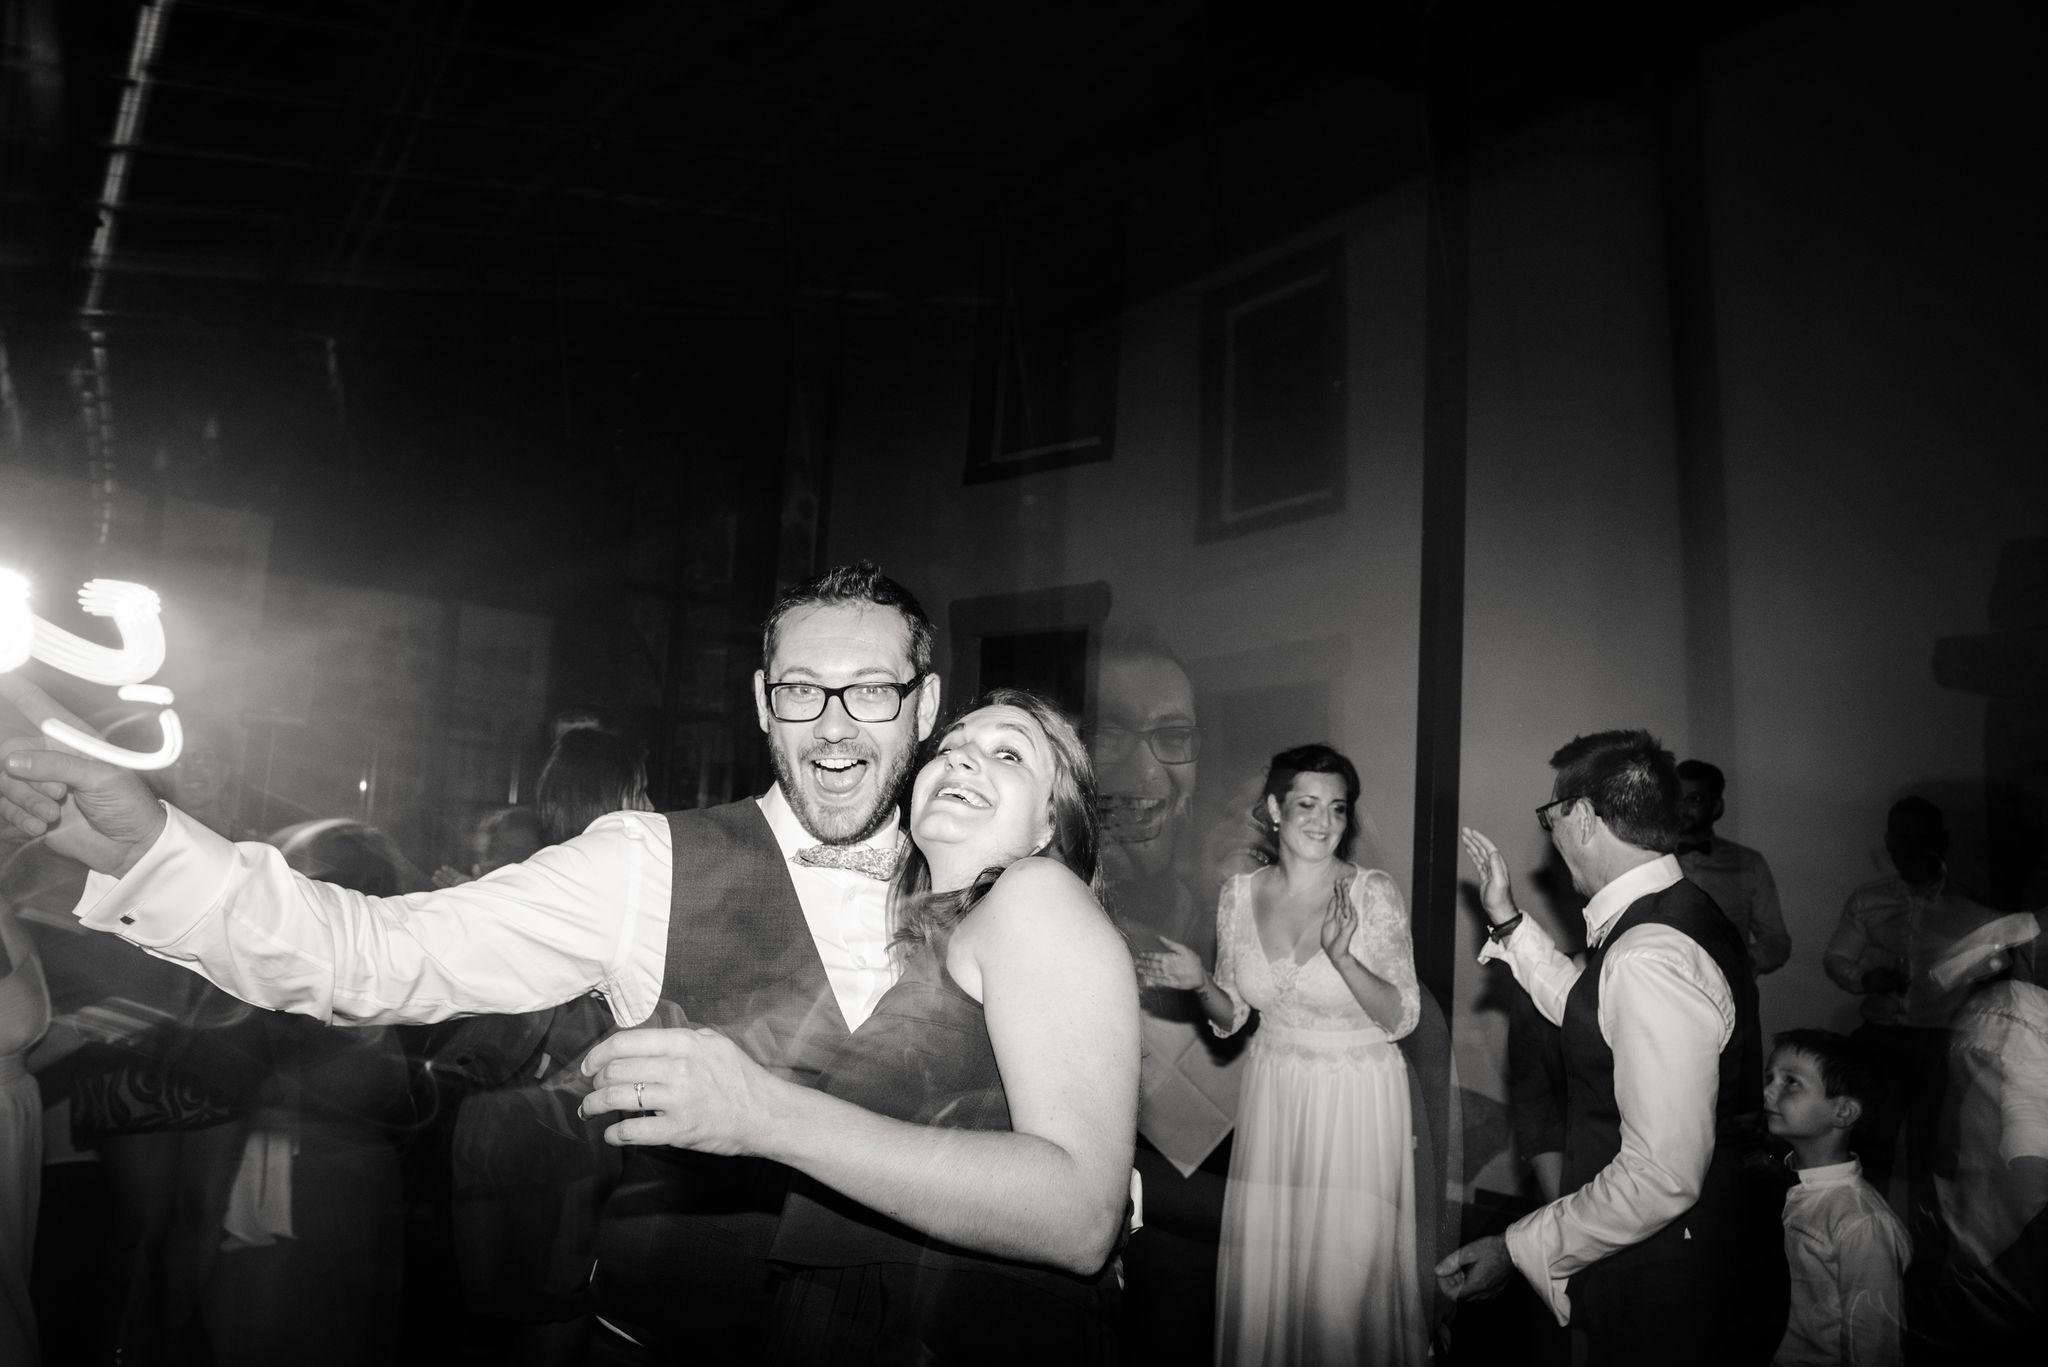 Léa-Fery-photographe-professionnel-lyon-rhone-alpes-portrait-creation-mariage-evenement-evenementiel-famille--296.jpg